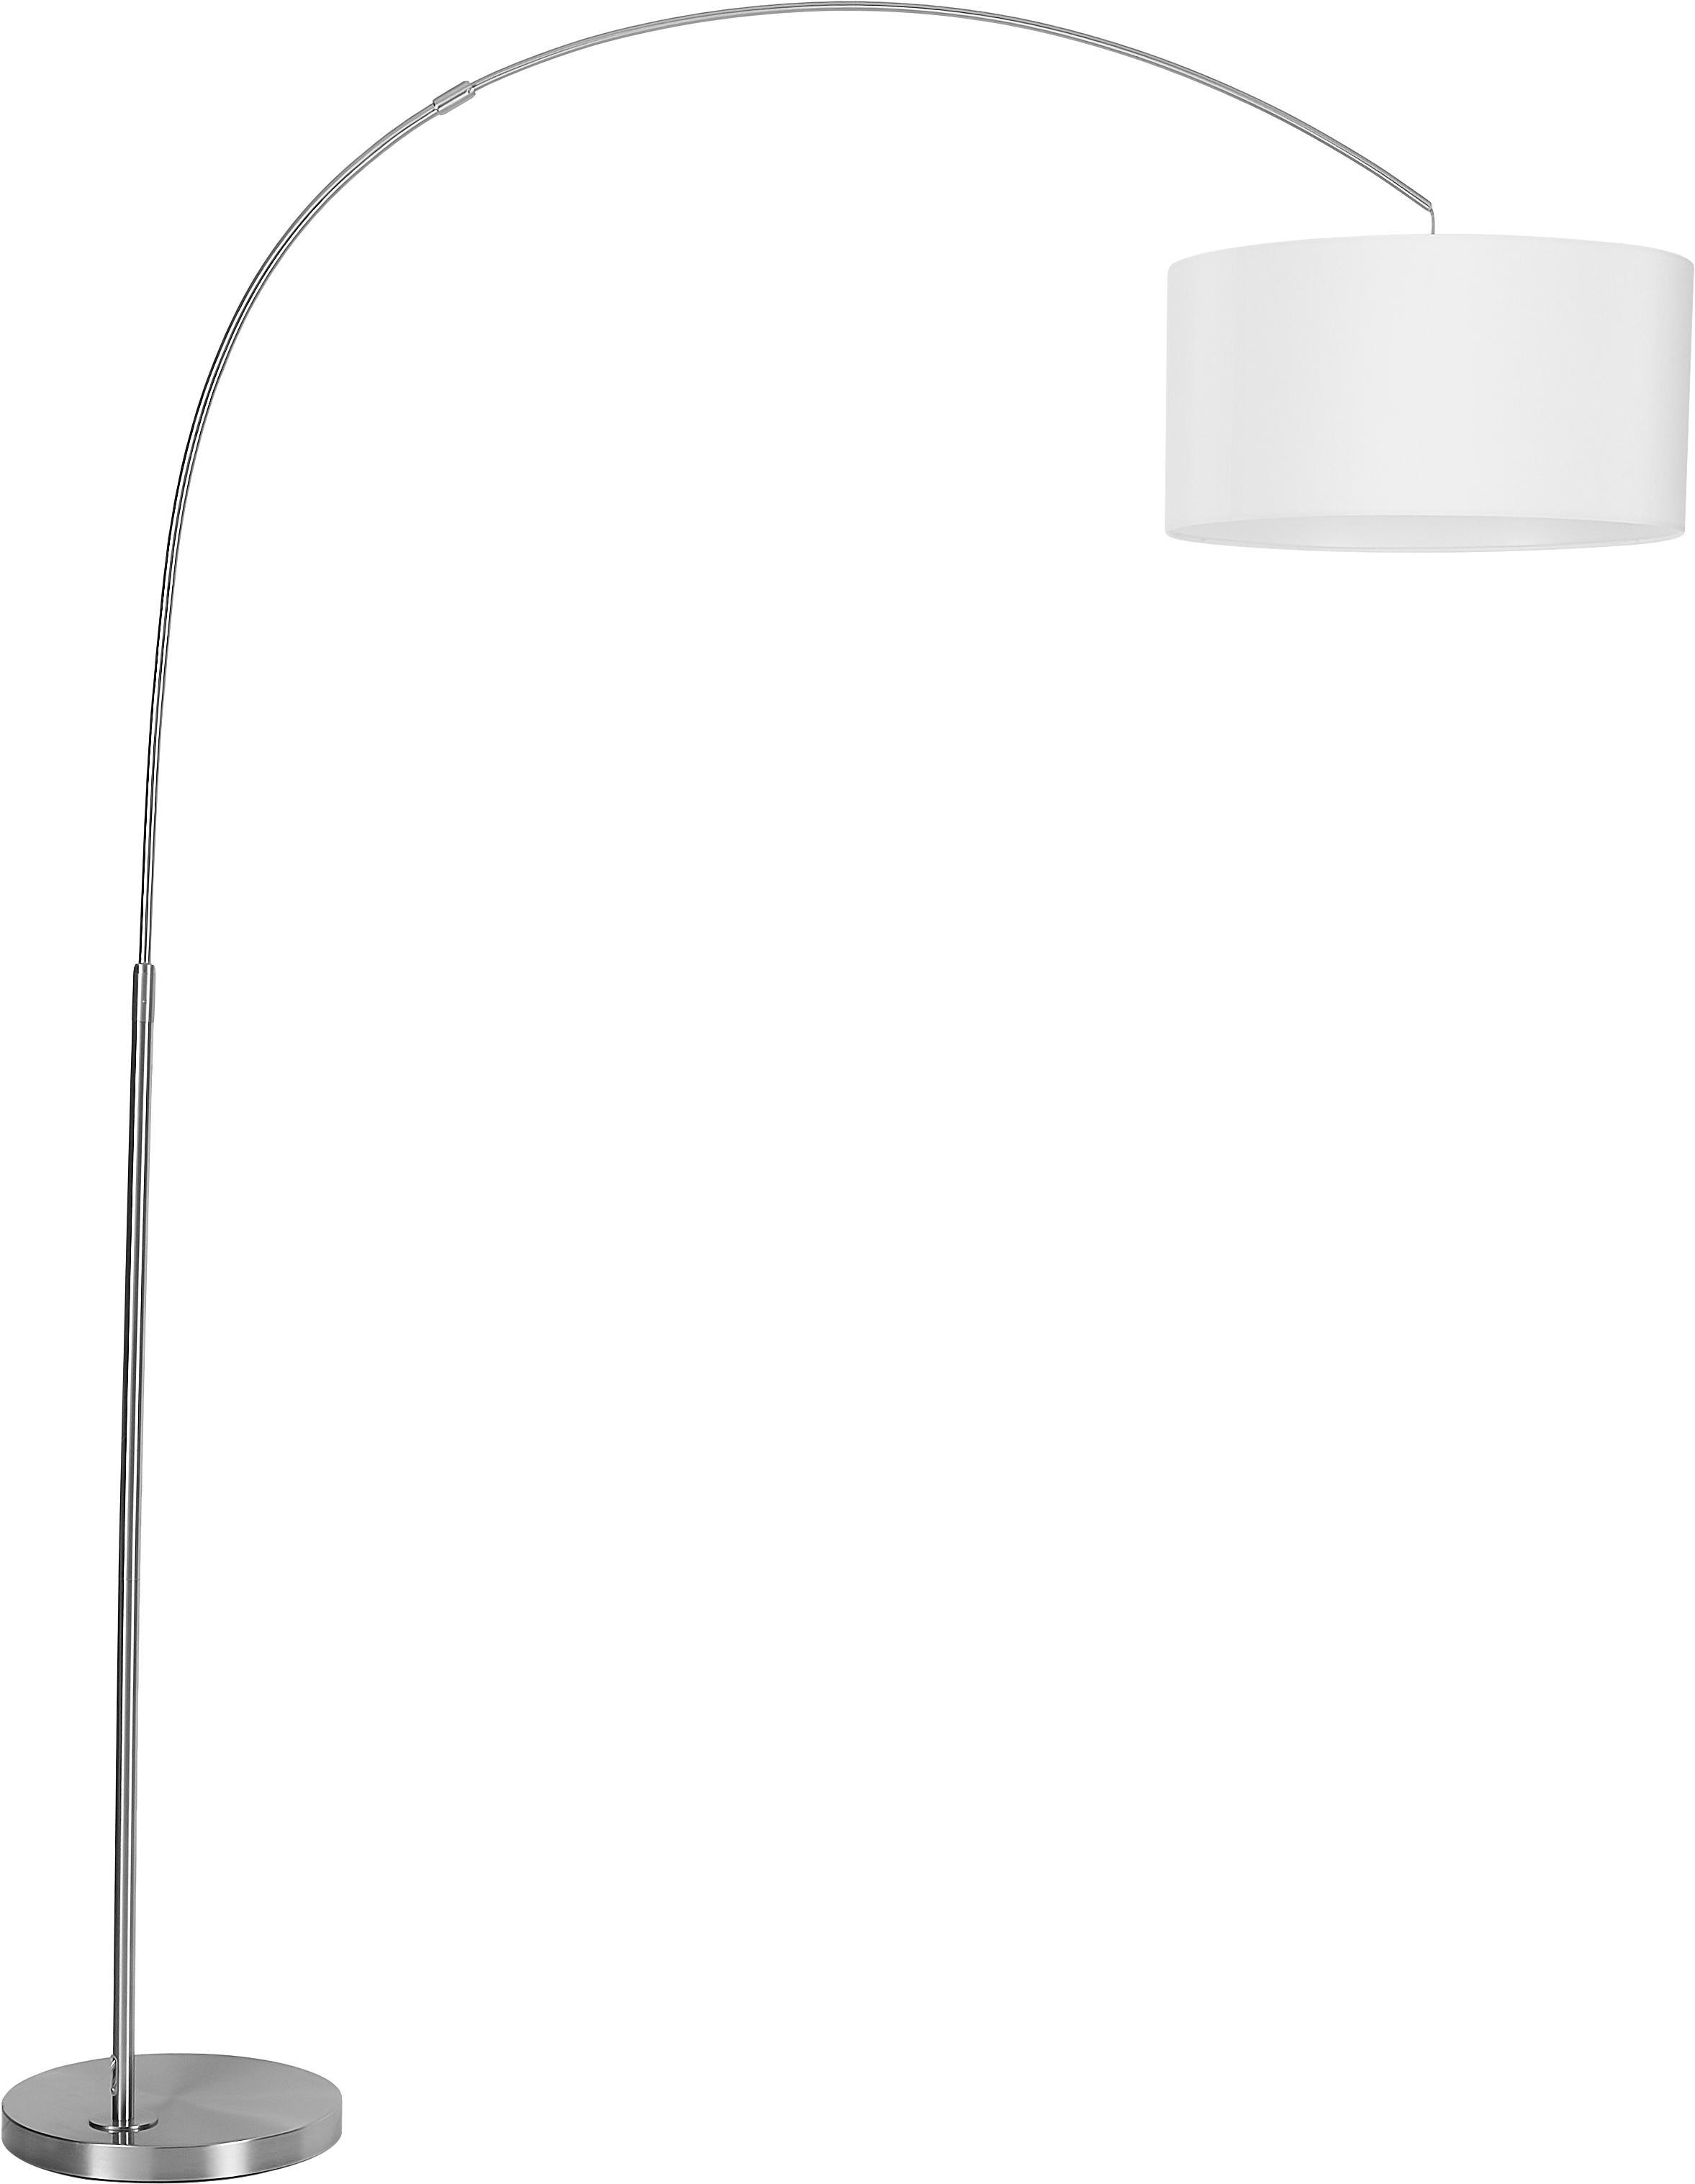 Lampada da terra ad arco Niels, Base della lampada: metallo spazzolato, Paralume: miscela di cotone, Paralume: bianco Base della lampada: argento Cavo: trasparente, Larg. 157 x Alt. 218 cm